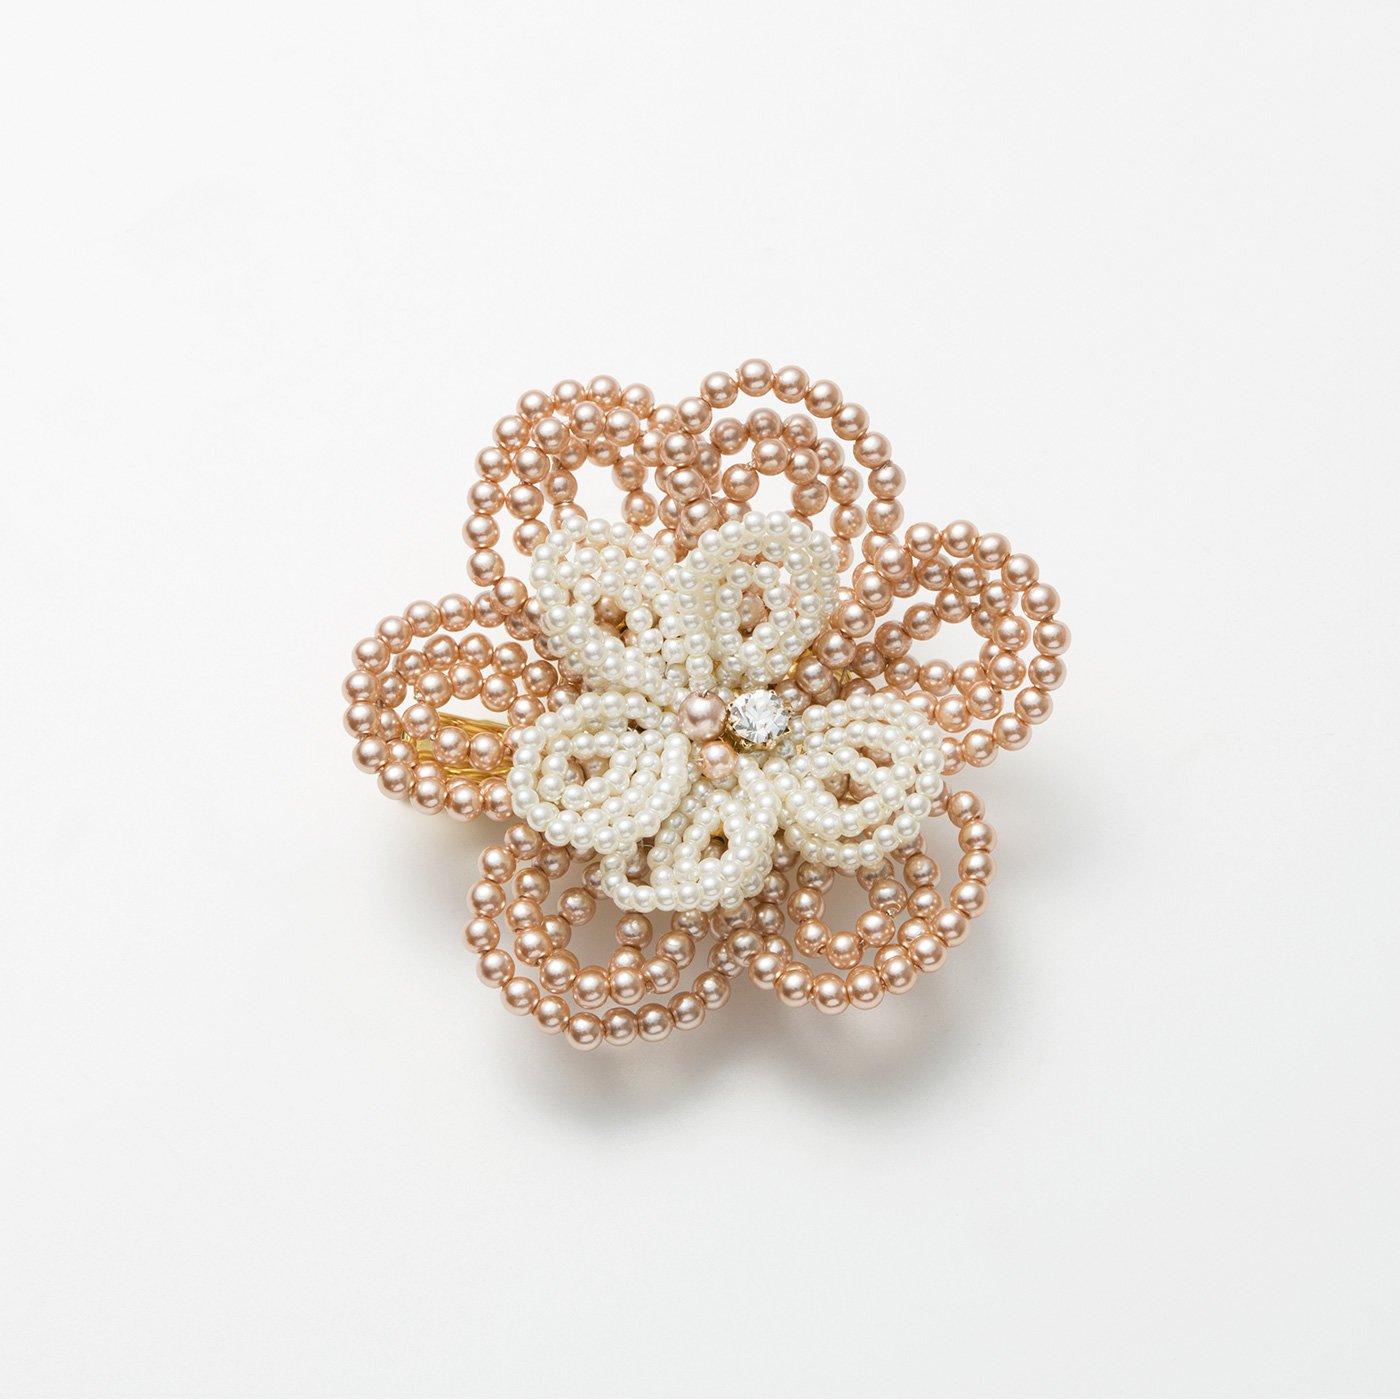 ヴィンテージ感あふれる お花の編み付けコスチュームアクセサリー